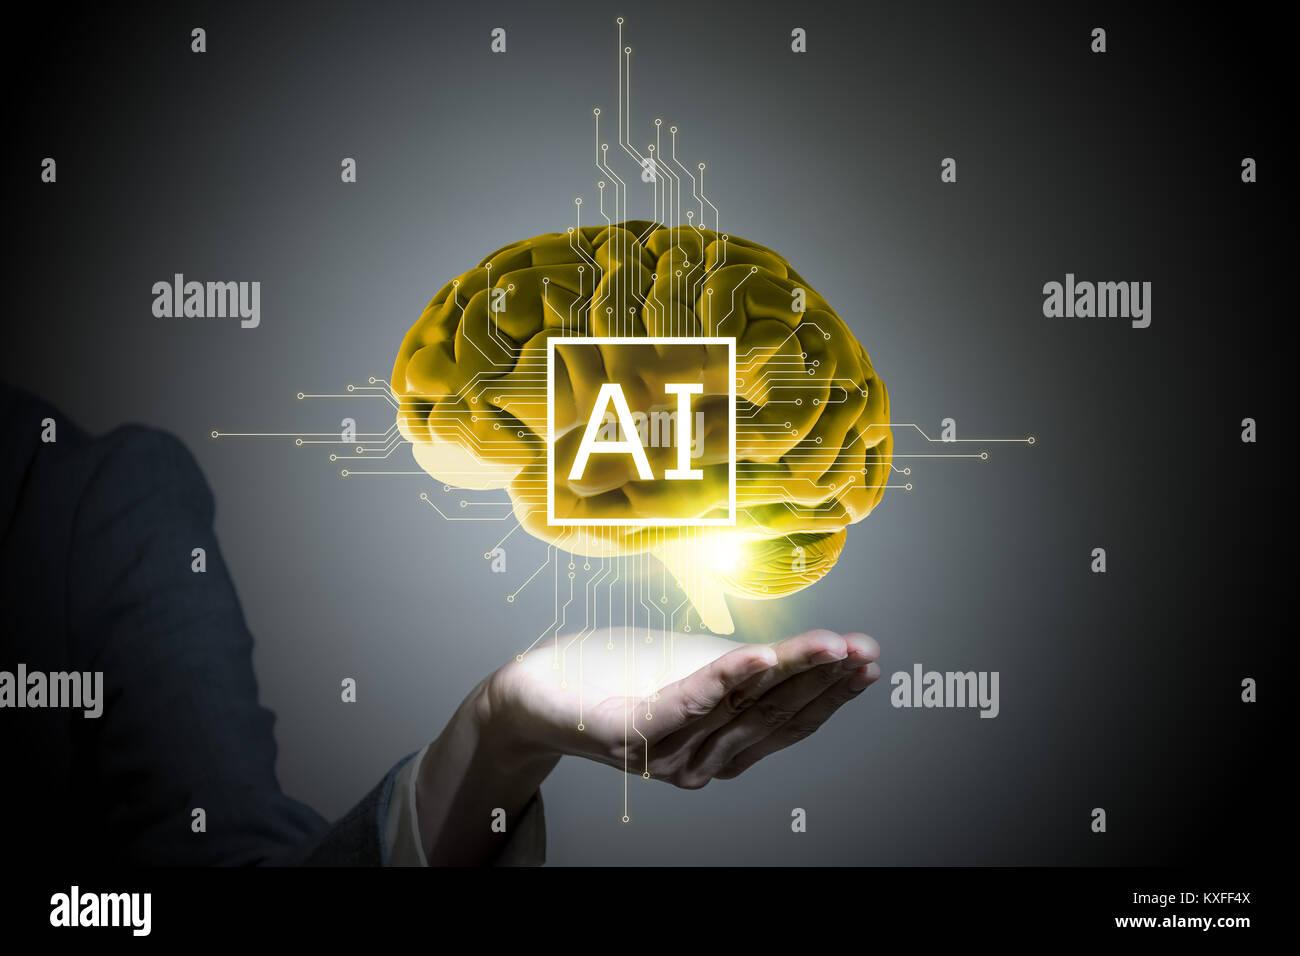 AI (Inteligencia Artificial) Concepto, 3D, imagen abstracta visual Foto de stock